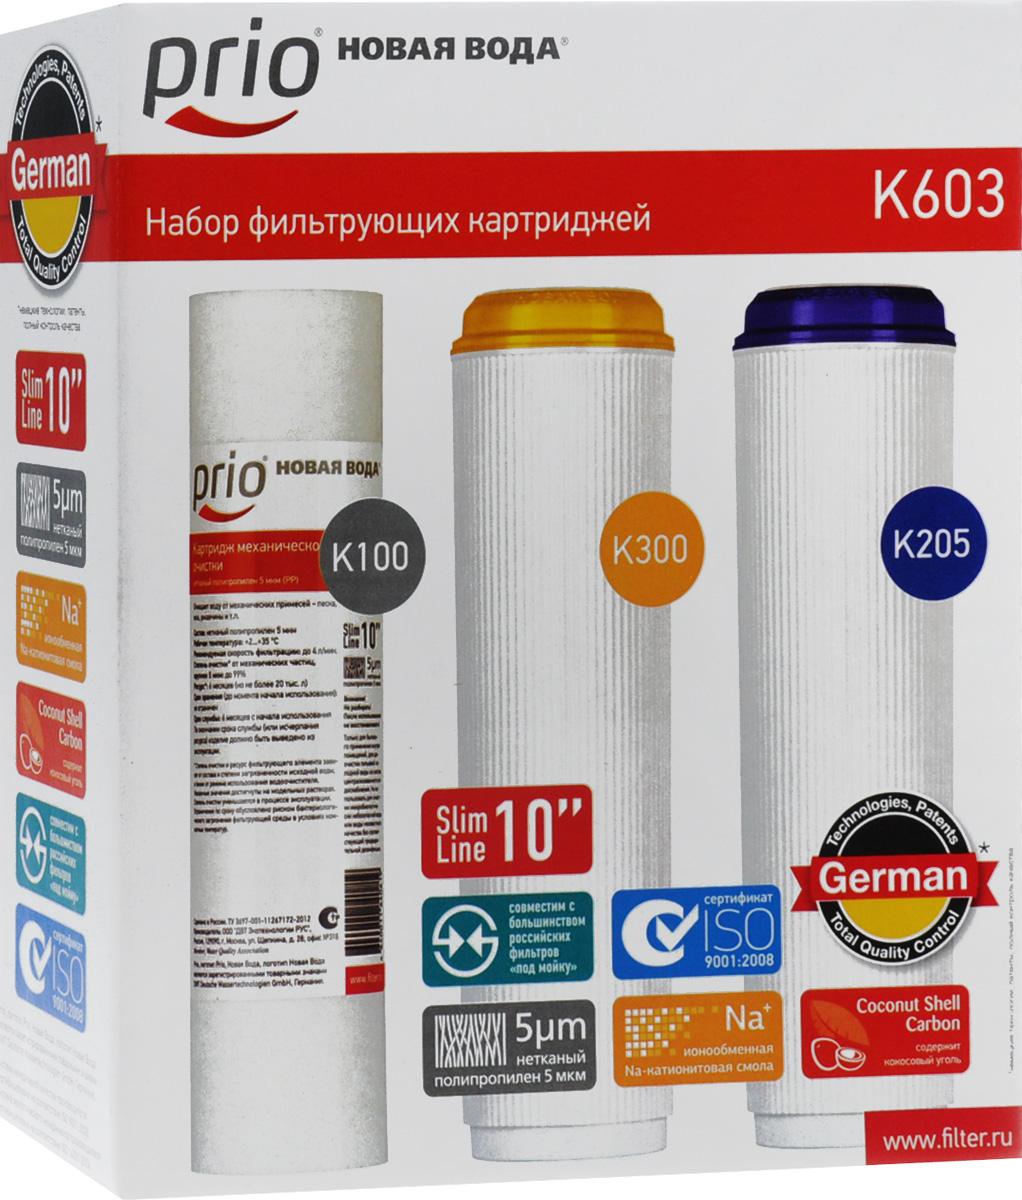 Набор сменных картриджей К603 Новая Вода для фильтров типа под мойку моделей Е300 и Е310BL505Комплект картриджей К603 включает картриджи: K100, K205, K300.Для фильтров типа под мойку моделей E300 и E310.K100 - полипропилен 5 мкм.Фильтрующий картридж механической очистки для холодной воды.K205 - гранулированный активированный уголь.Сорбционный картридж для тонкой очистки воды от растворенных примесей.K300 - Ионообменная Na-катионовая смола.Умягчающий картридж для питьевой воды. Уменьшает накипь, улучшает вкус.Используются только сертифицированные и допущенные к контакту с пищевыми продуктами фильтрующие и иные компоненты. Это относится как к наполнителям фильтрующих элементов, так и к материалам и частям картриджей, с которыми соприкасается фильтруемая вода: они изготовлены из пищевых марок пластиков ABS, PP, полиуретана.Характеристики:Состав (К100): нетканый полипропилен 5 мкм.Состав (К300): пищевая ионообменная Na-катионитовая смола.Состав (К205): гранулированный активированный угль из скорлупы кокосового ореха.Рабочая температура: от +2°C до +35°C.Рекомендуемая скорость фильтрации (К100): 4 л/мин.Рекомендуемая скорость фильтрации (К300, К205): 2 л/мин.Ресурс (К100): 6 месяцев (но не более 20 тыс. л).Ресурс (К300, К205): 4000 л или 6 месяцев (в зависимости от того, что раньше наступит).Размер упаковки: 21,5 см х 8 см х 25,5 см.Изготовитель: Россия.Артикул:К603.